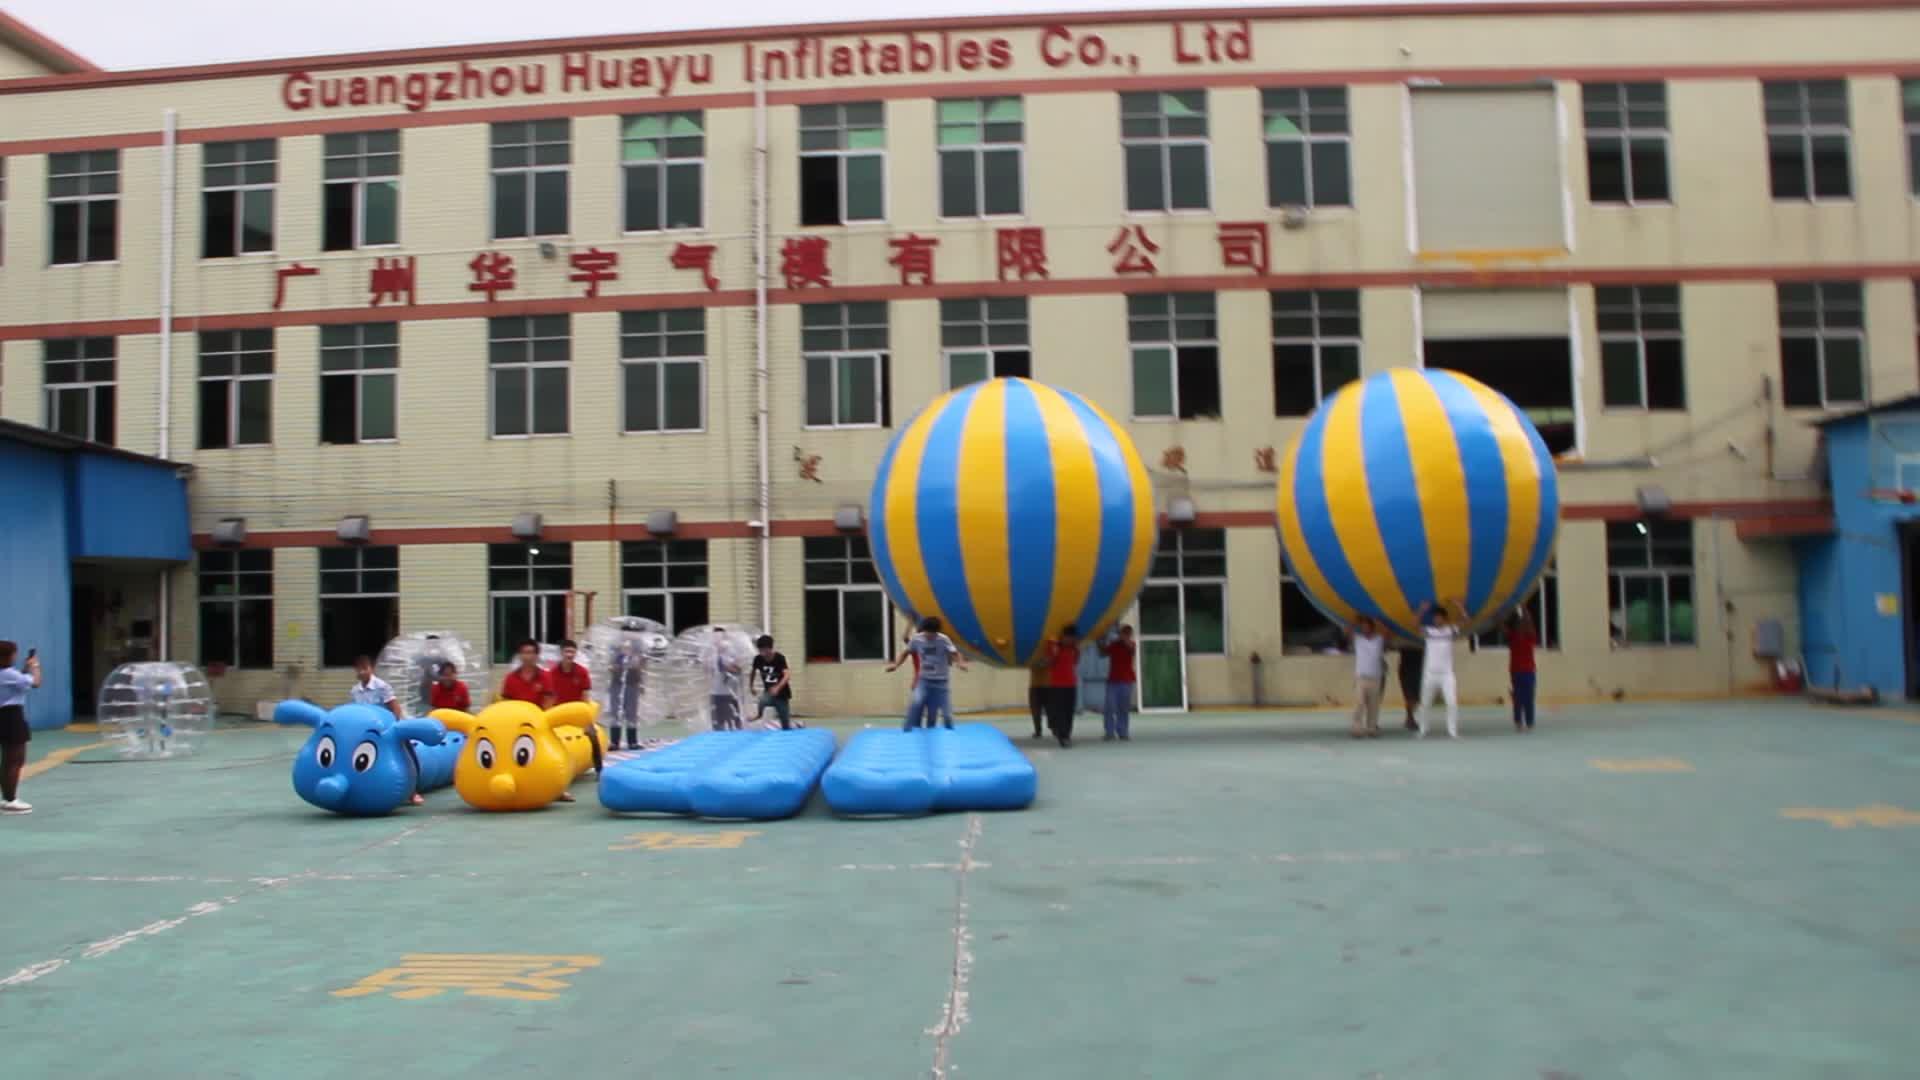 Louco Engraçado Adulto Team building jogos infláveis do esporte